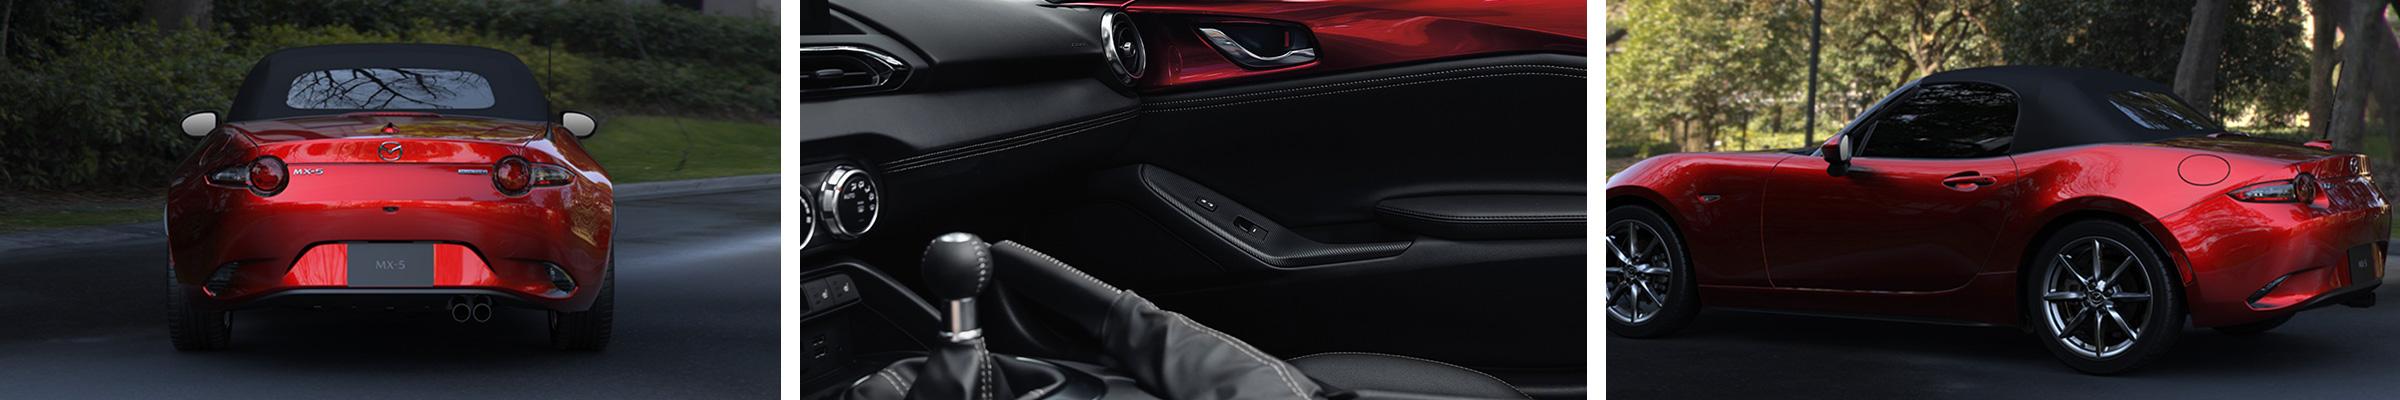 2020 Mazda MX-5 Miata For Sale Naperville IL | Aurora